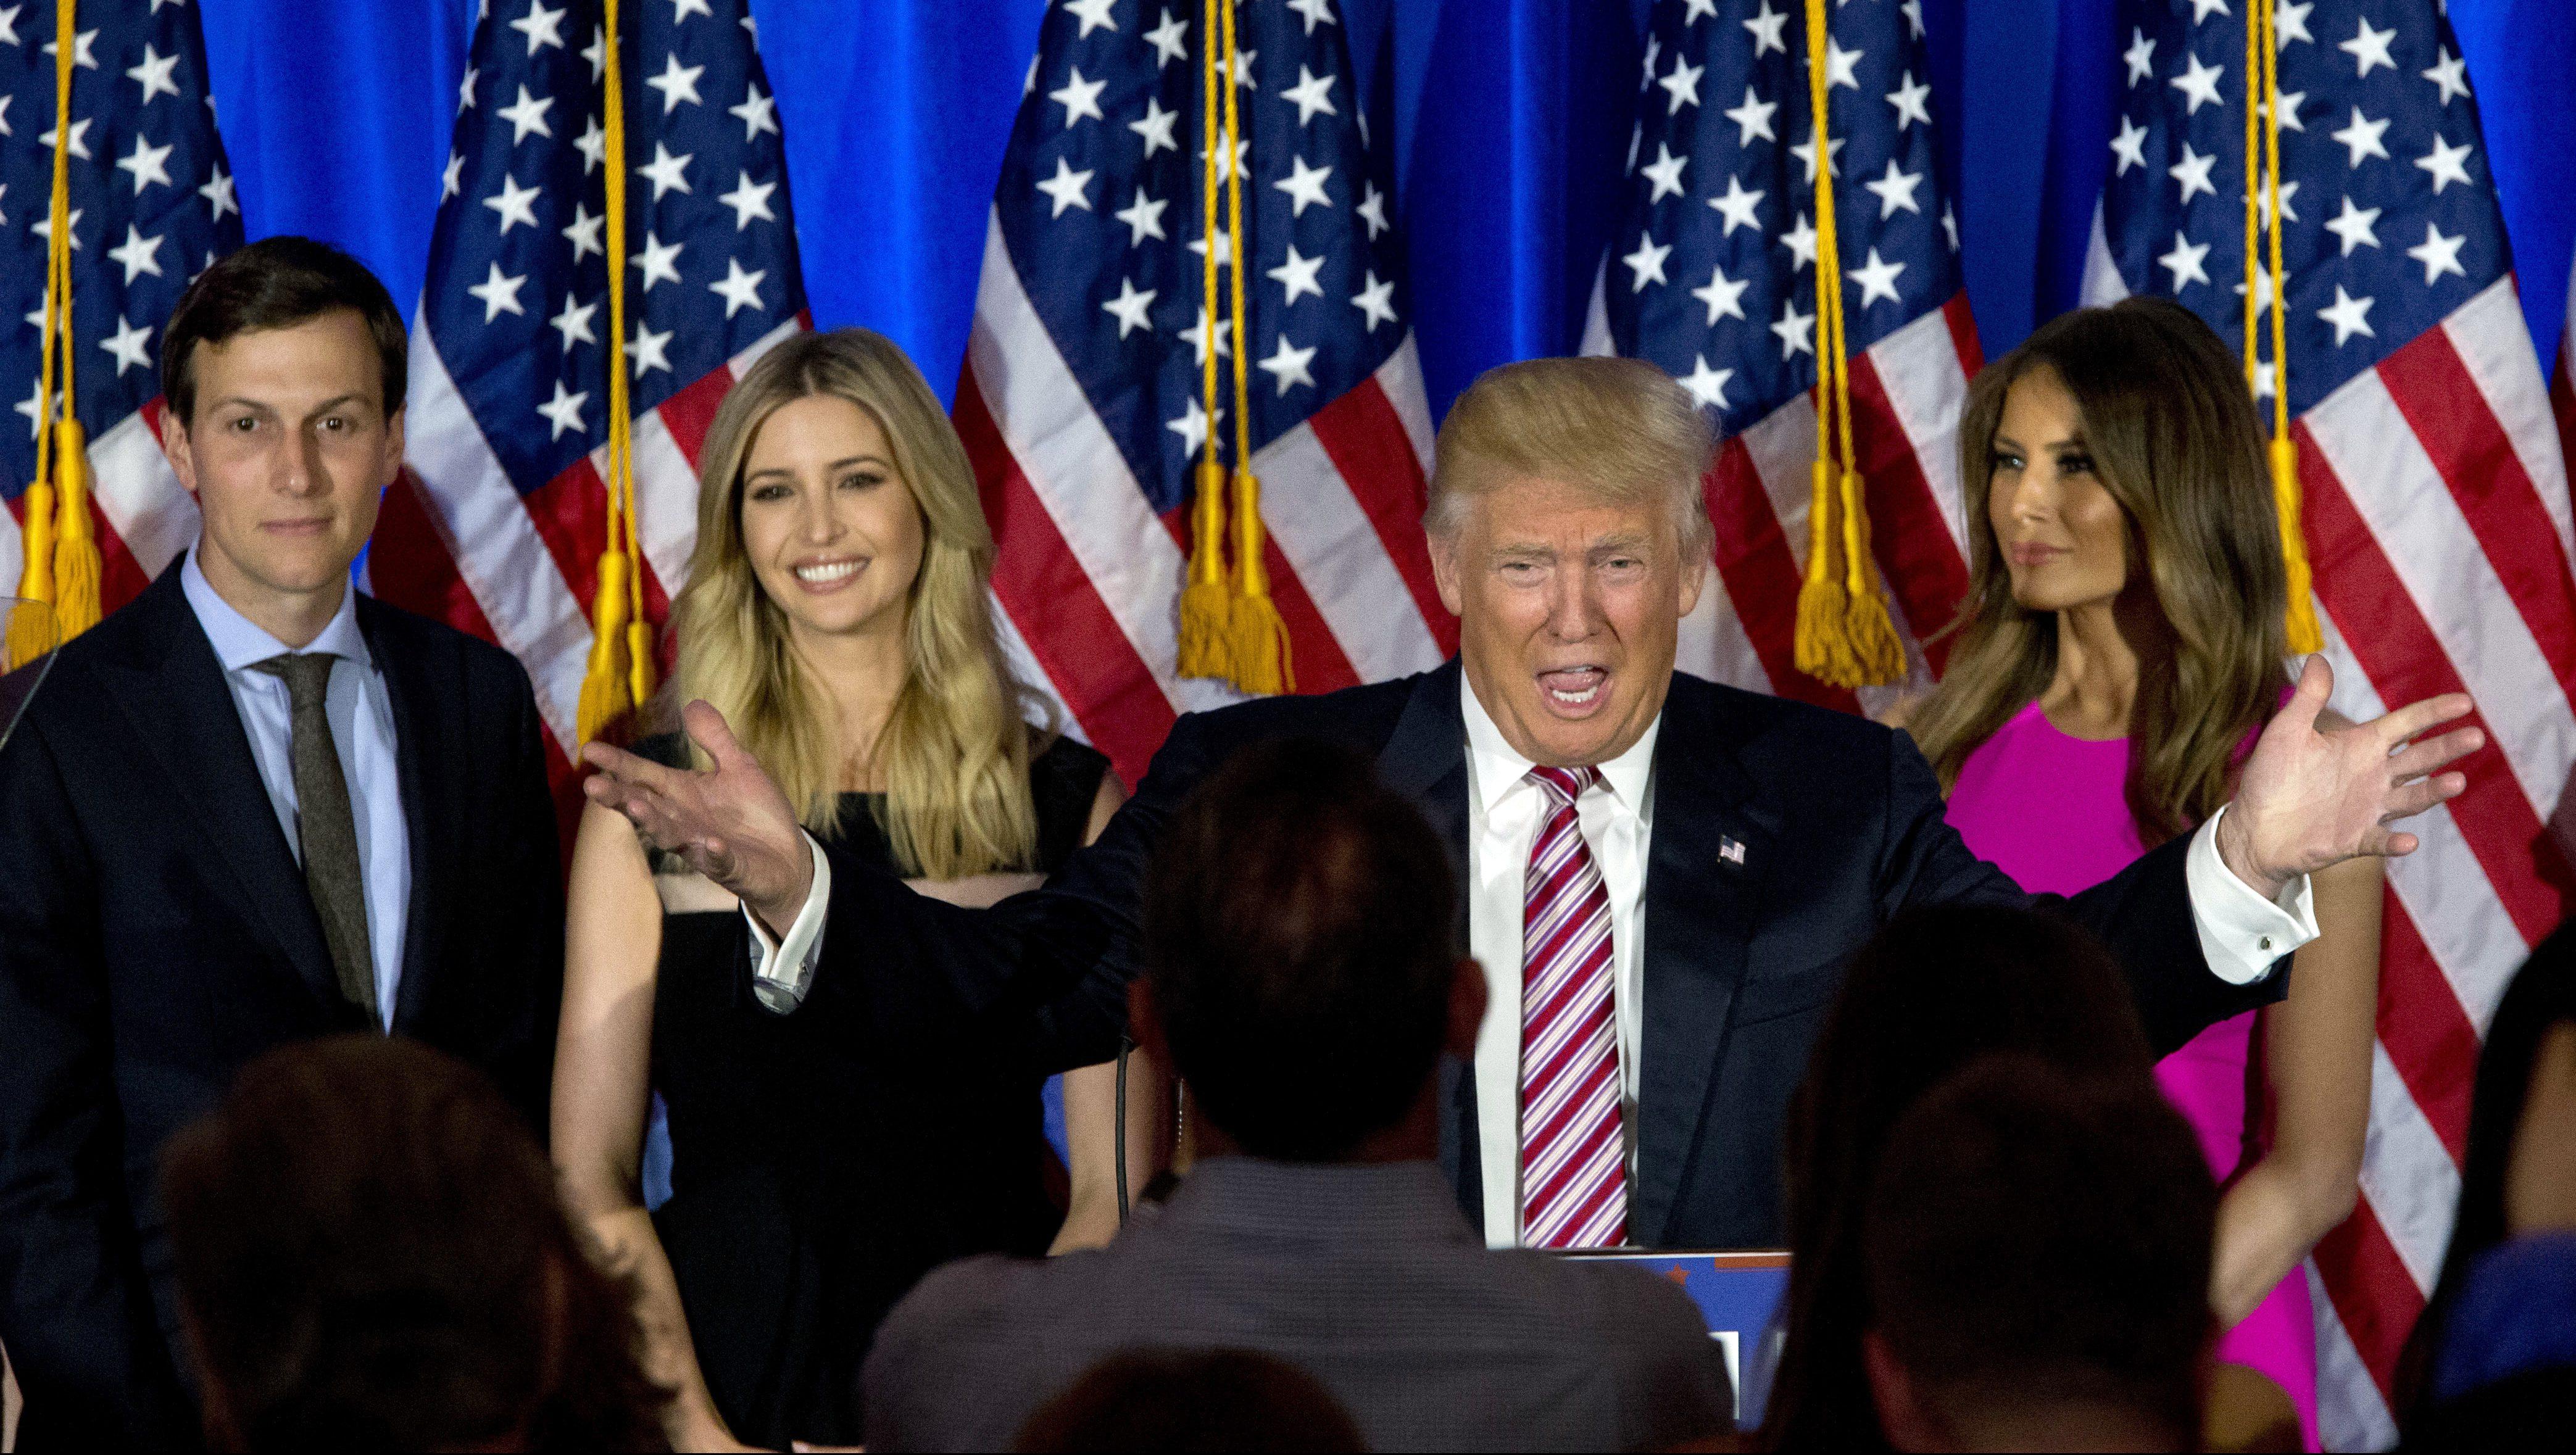 Donald Trump Jared Kushner